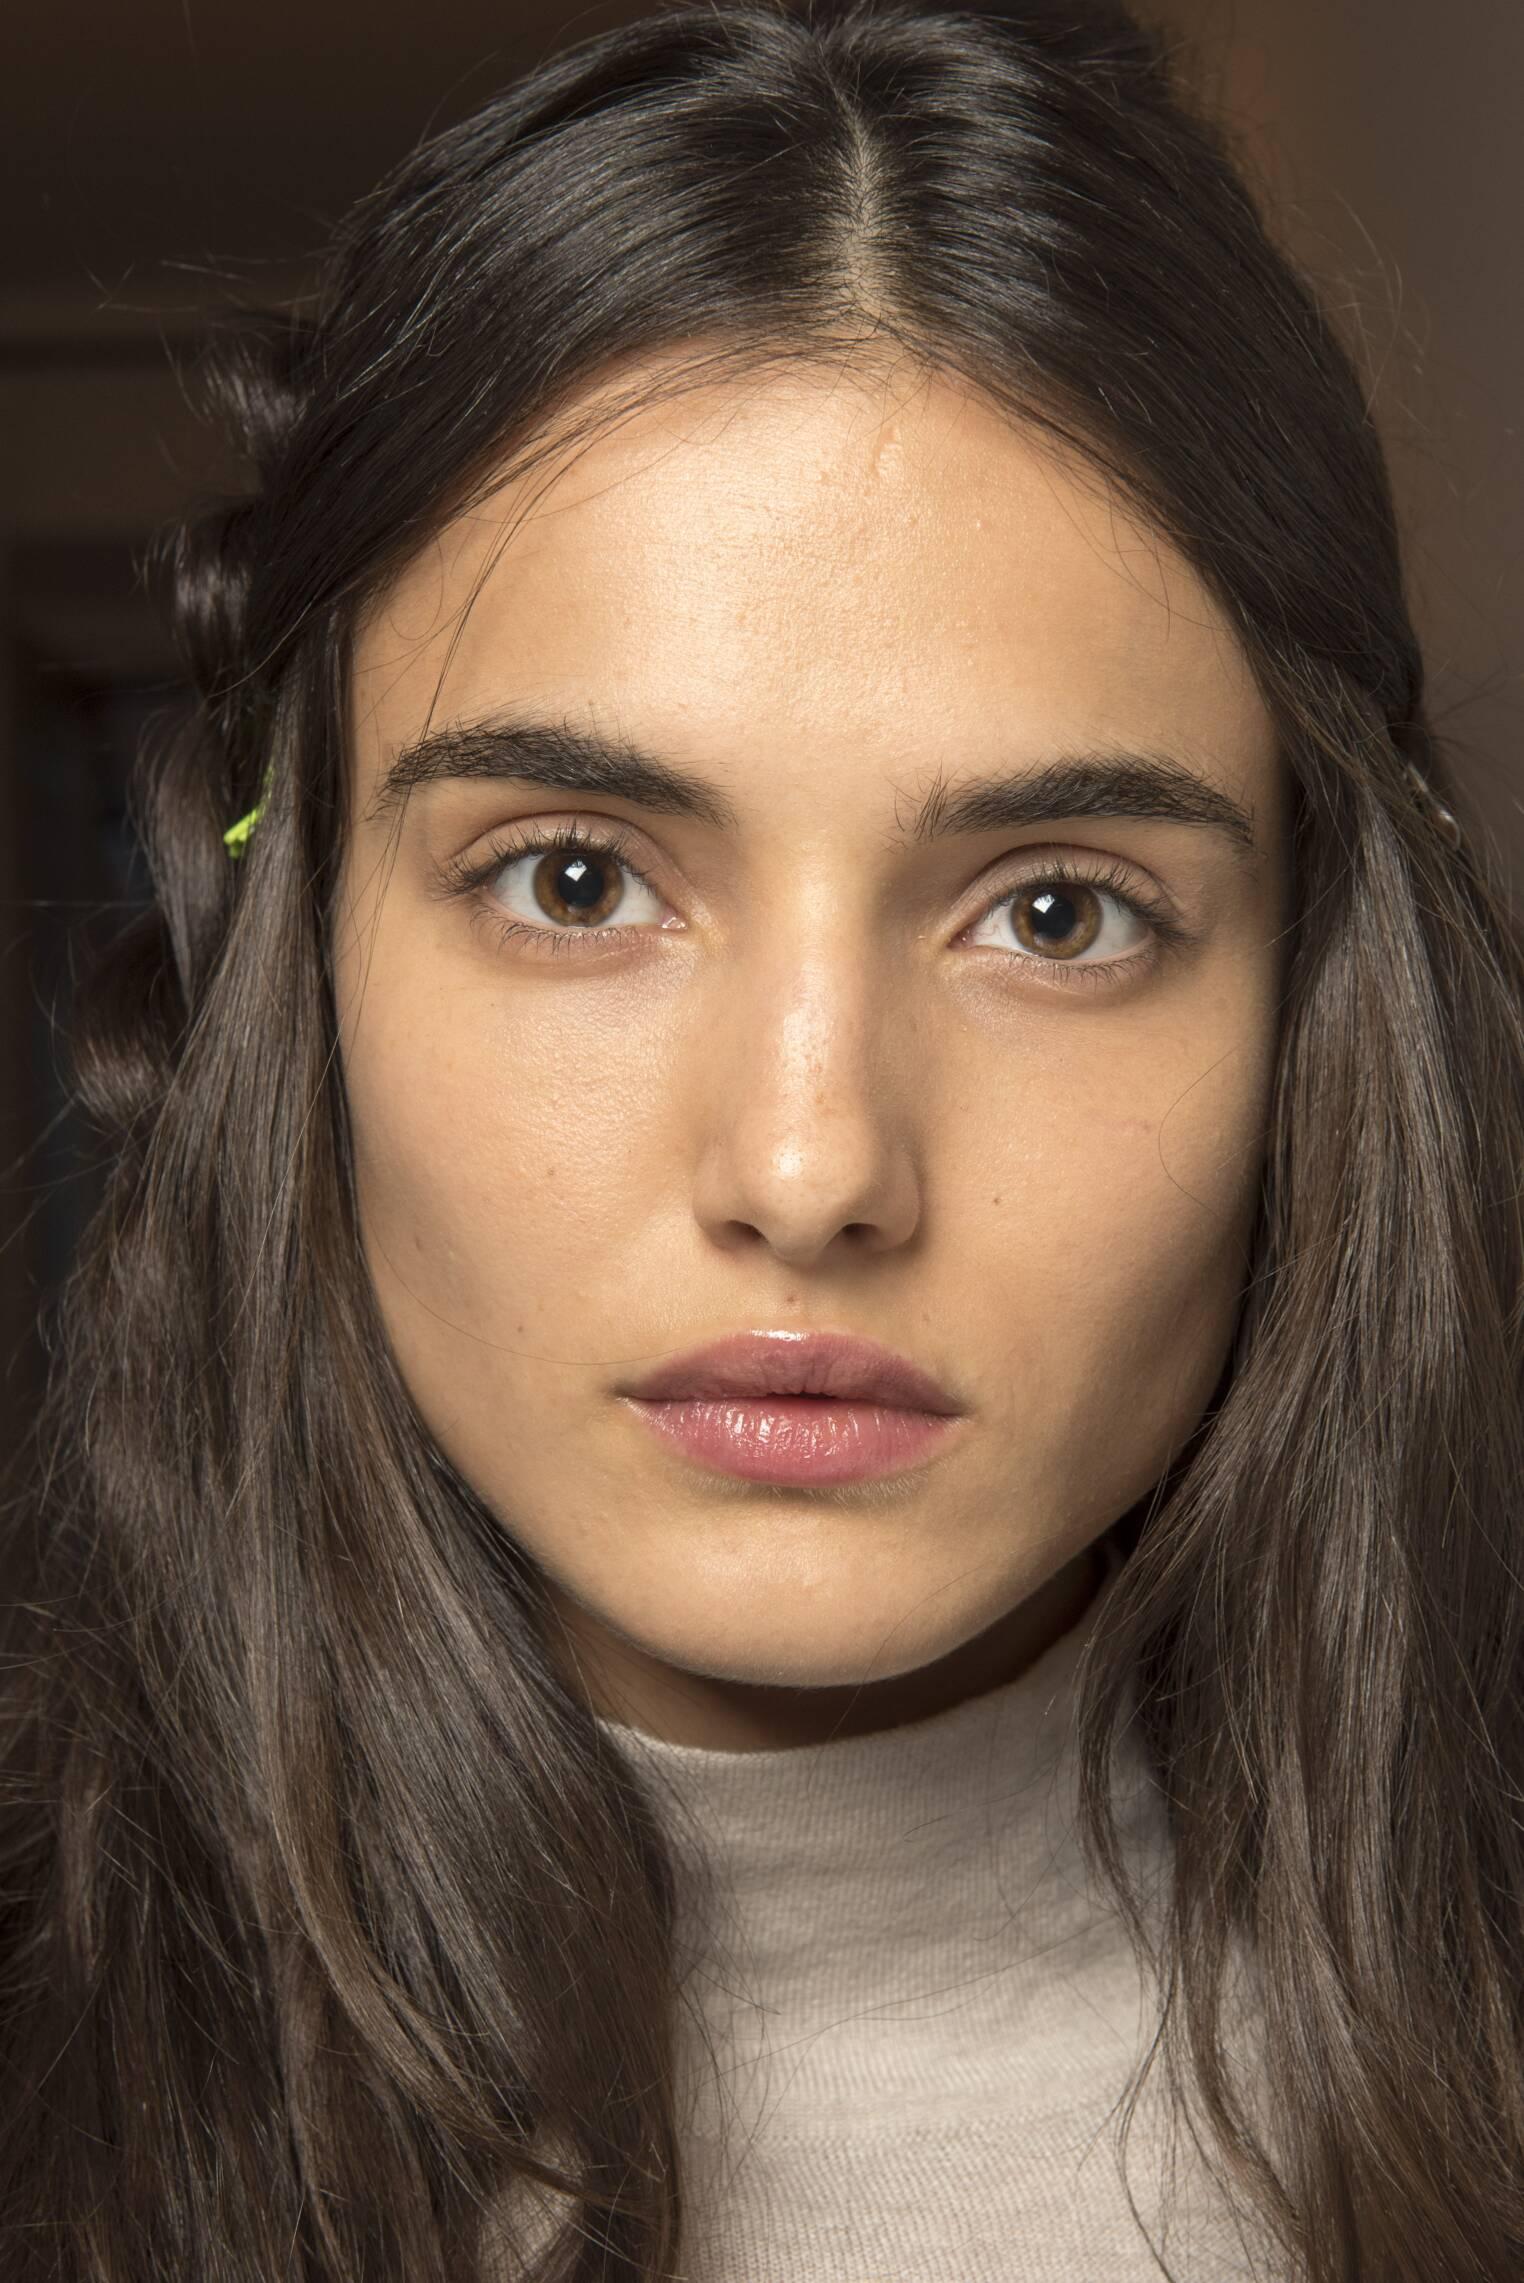 Model Backstage Alberta Ferretti 2017